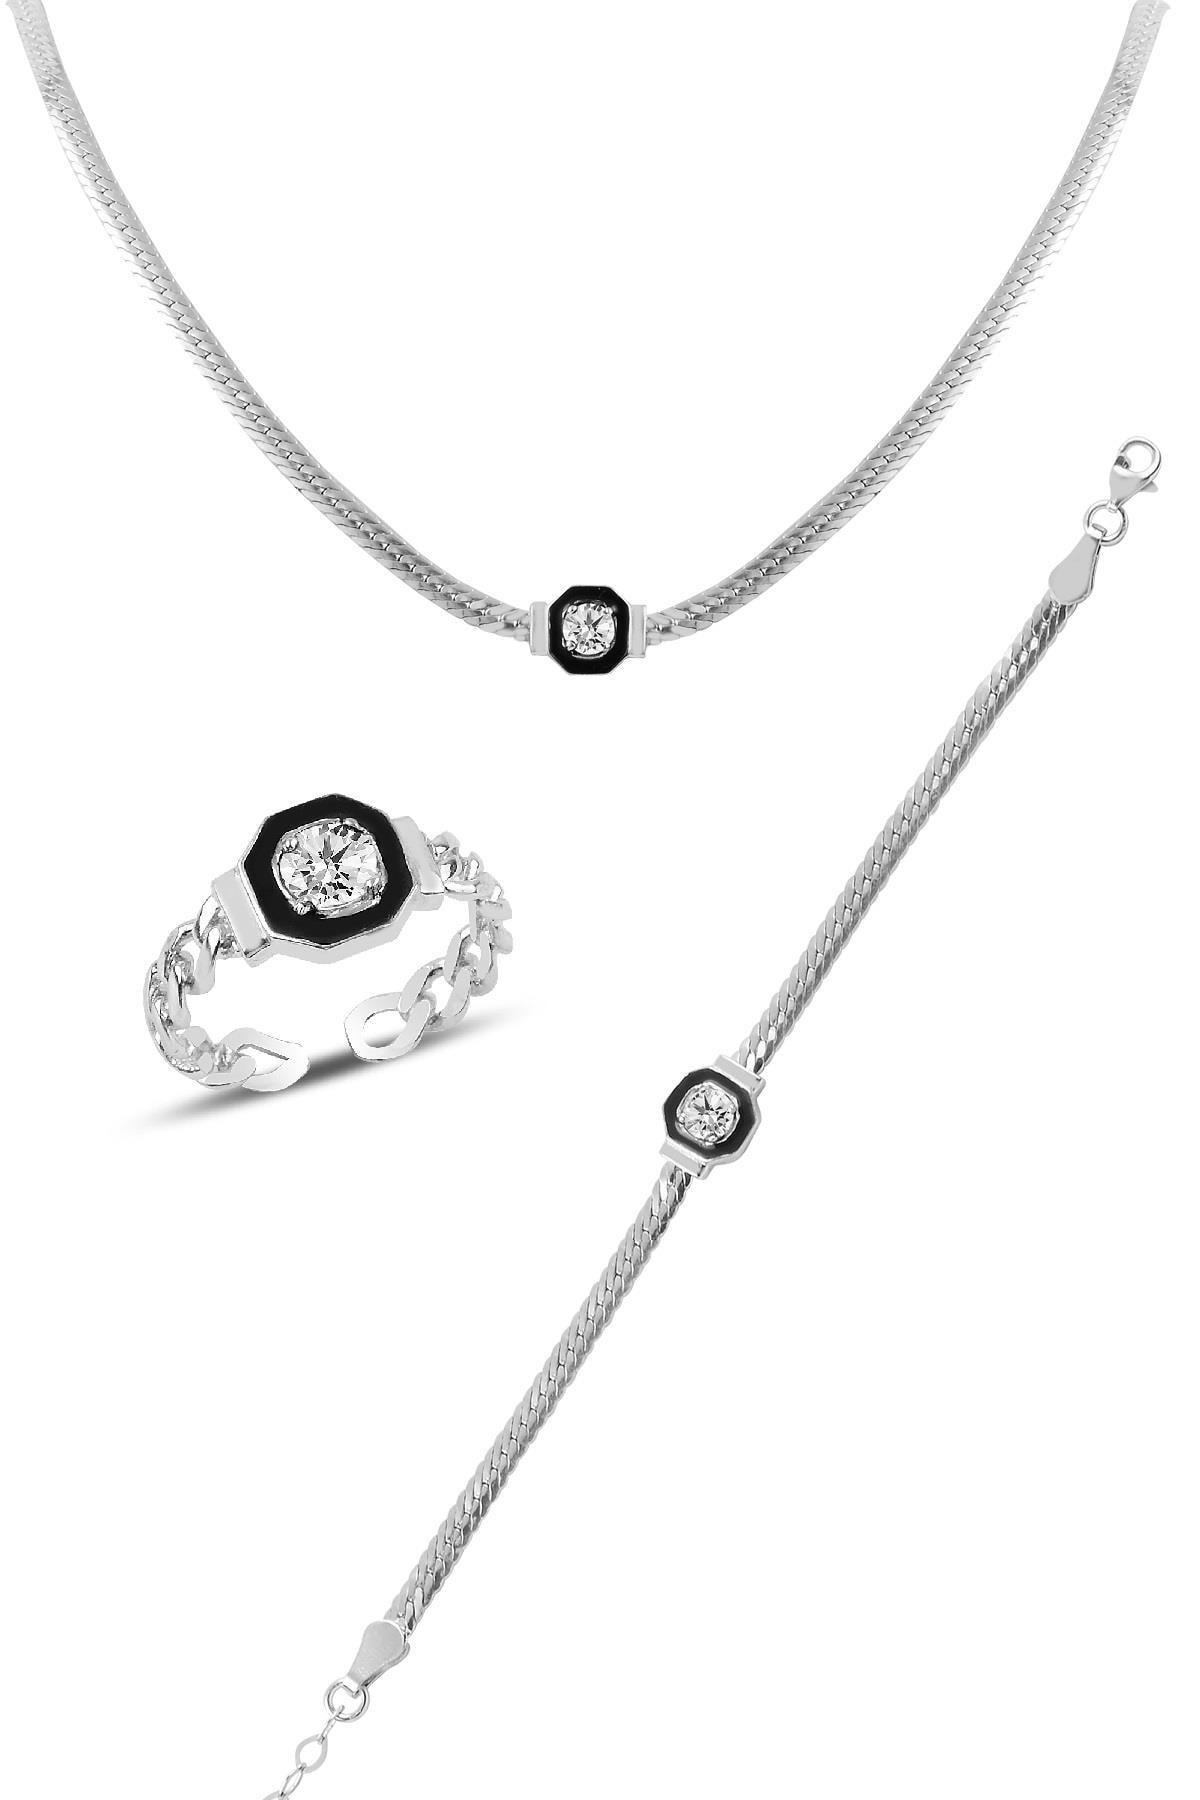 Söğütlü Silver Gümüş rodyumlu  çağla şikel kolye bileklik  ve yüzük gümüş  takım